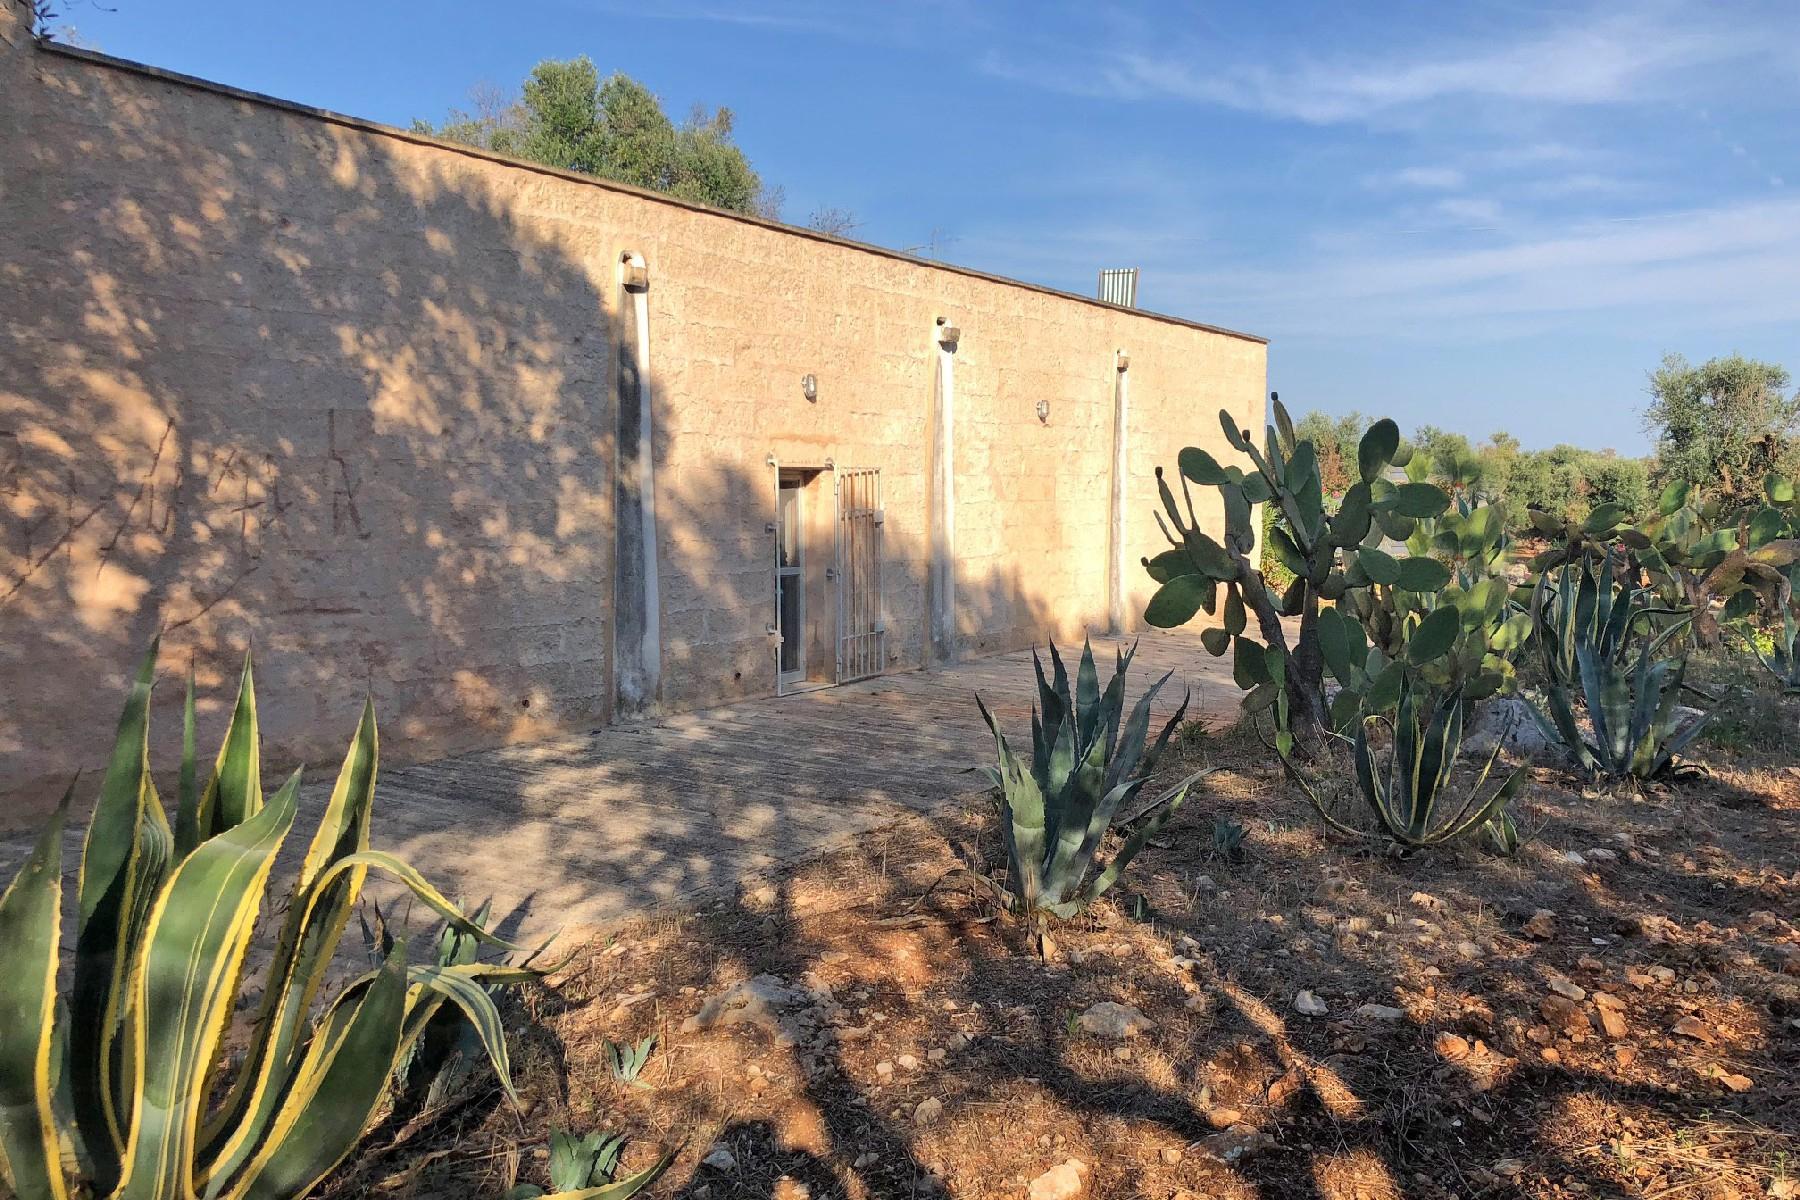 Casa indipendente in Vendita a Ugento: 4 locali, 160 mq - Foto 7